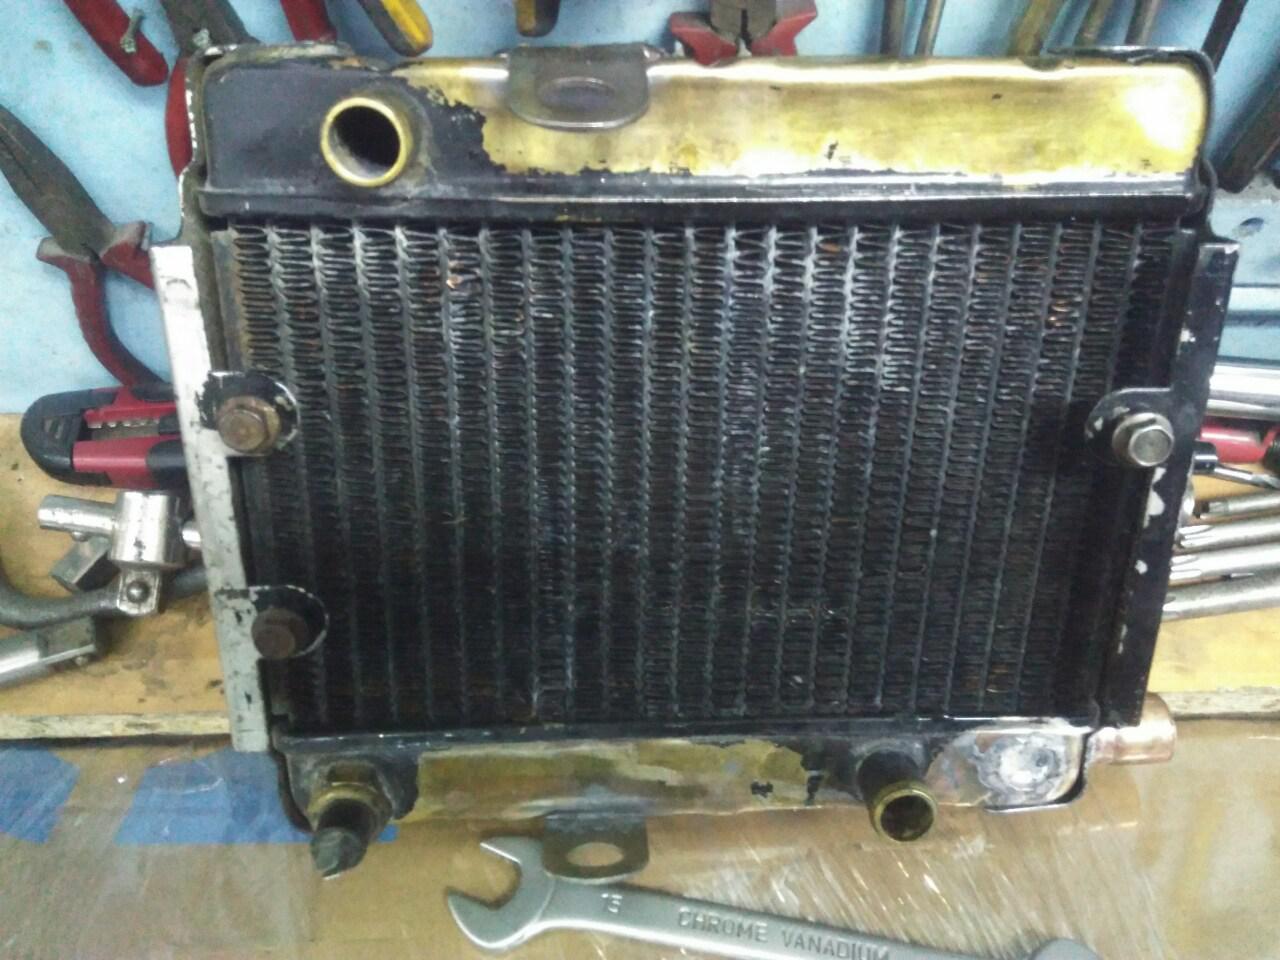 Мастер аргон занимается ,ремонт радиаторов охлаждения в москве,ремонт радиаторов интеркулер,ремонт масляных